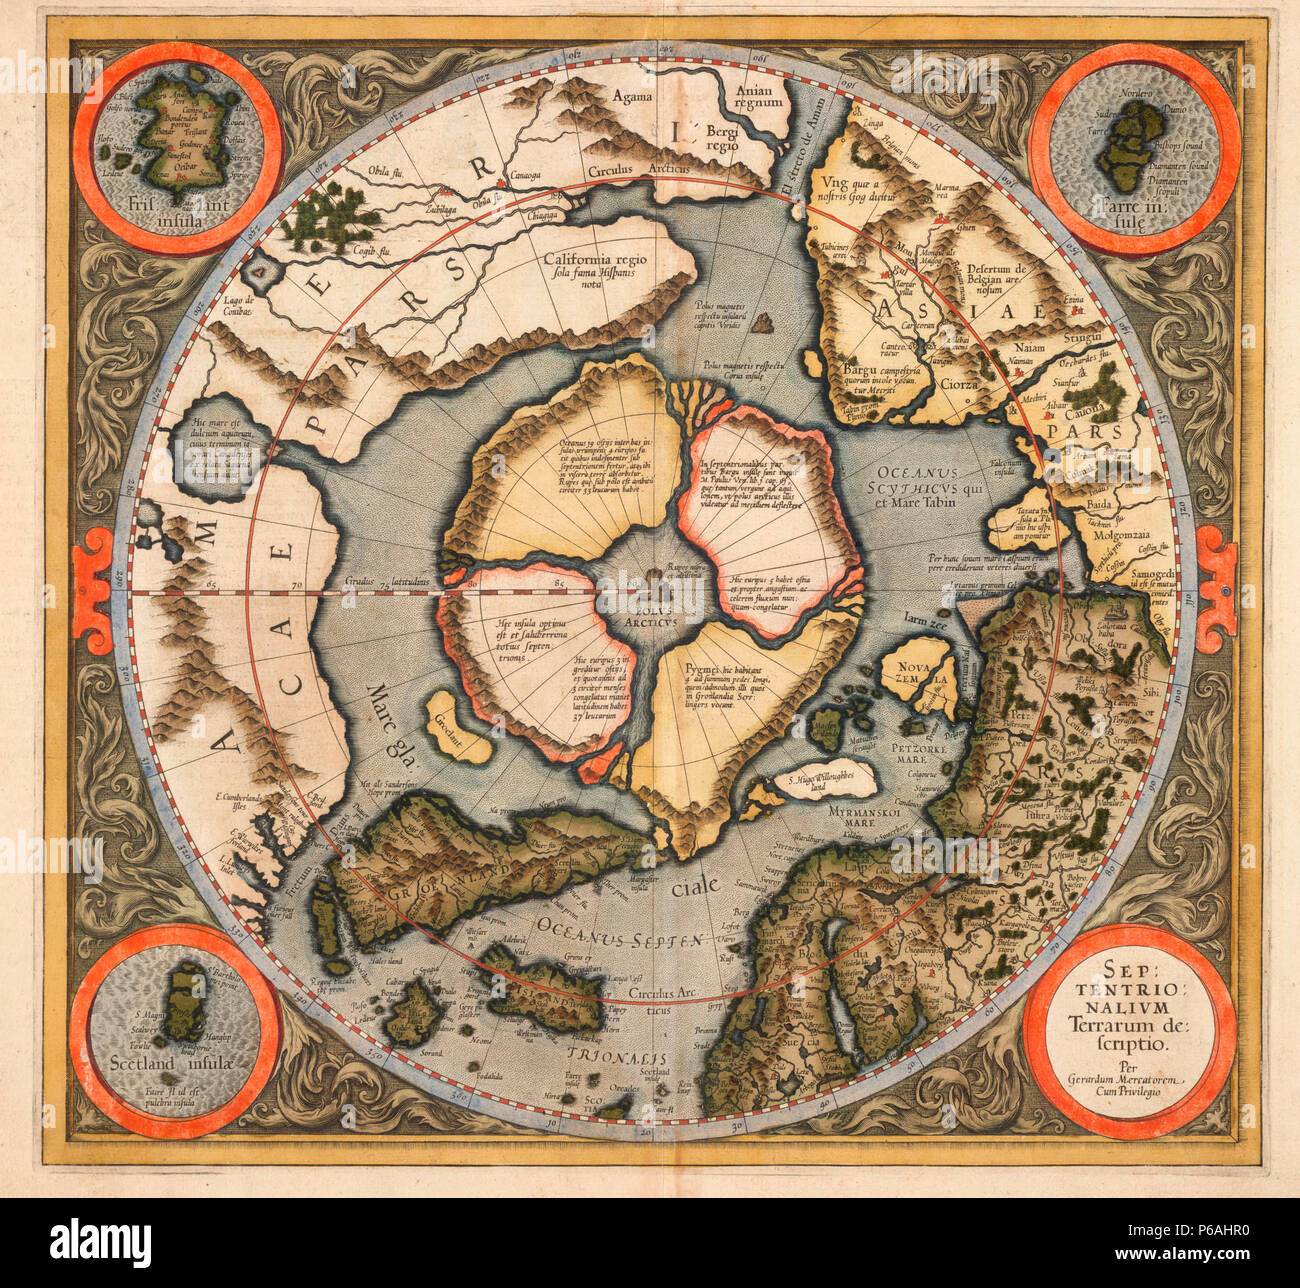 Dies ist das erste gedruckte Karte der Nördlichen Halbkugel von der Arktis Pol auf 60 Grad nördlicher Breite, die ursprünglich im Jahre 1595 veröffentlicht wurde. Die Karte enthält die Entdeckungen von Frobisher (1576-78) und Davis (1585-87). Stockbild